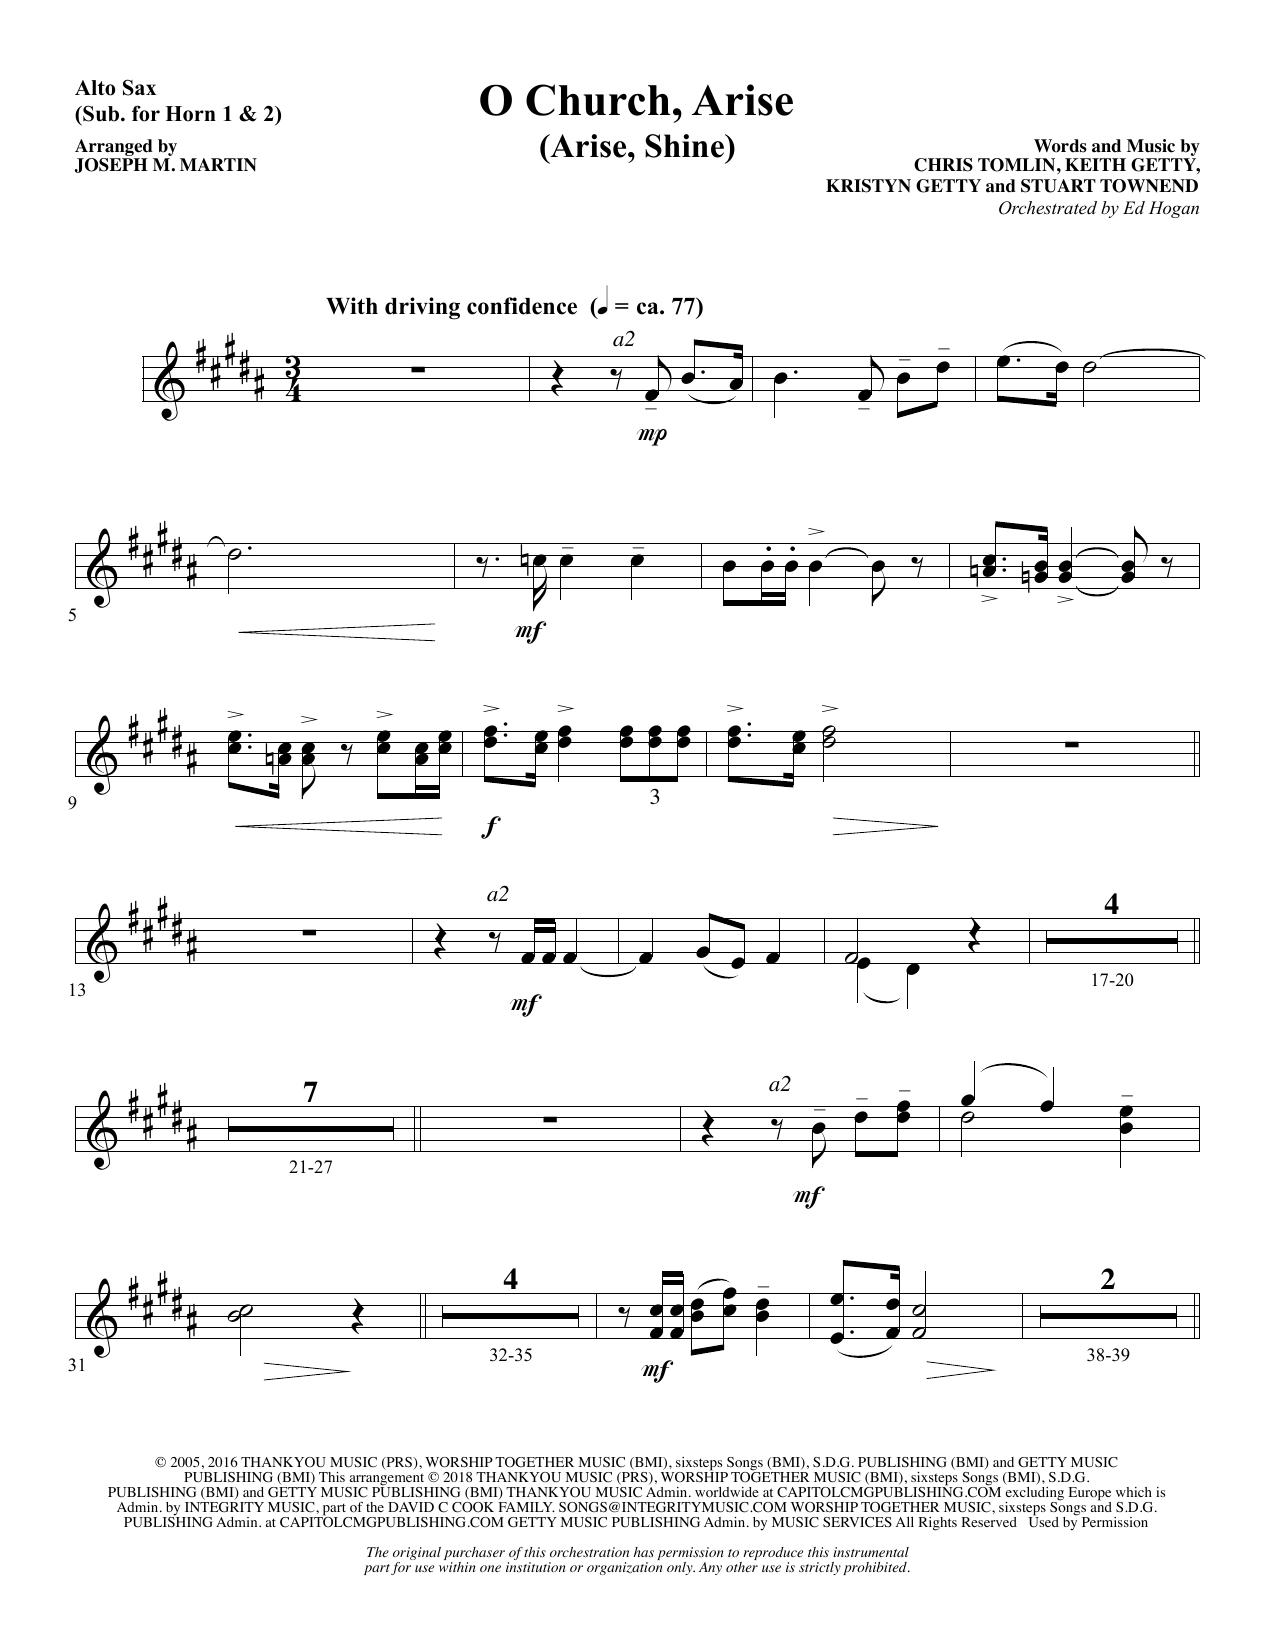 O Church, Arise (Arise, Shine) - Alto Sax (sub. Horn) (Choir Instrumental Pak)